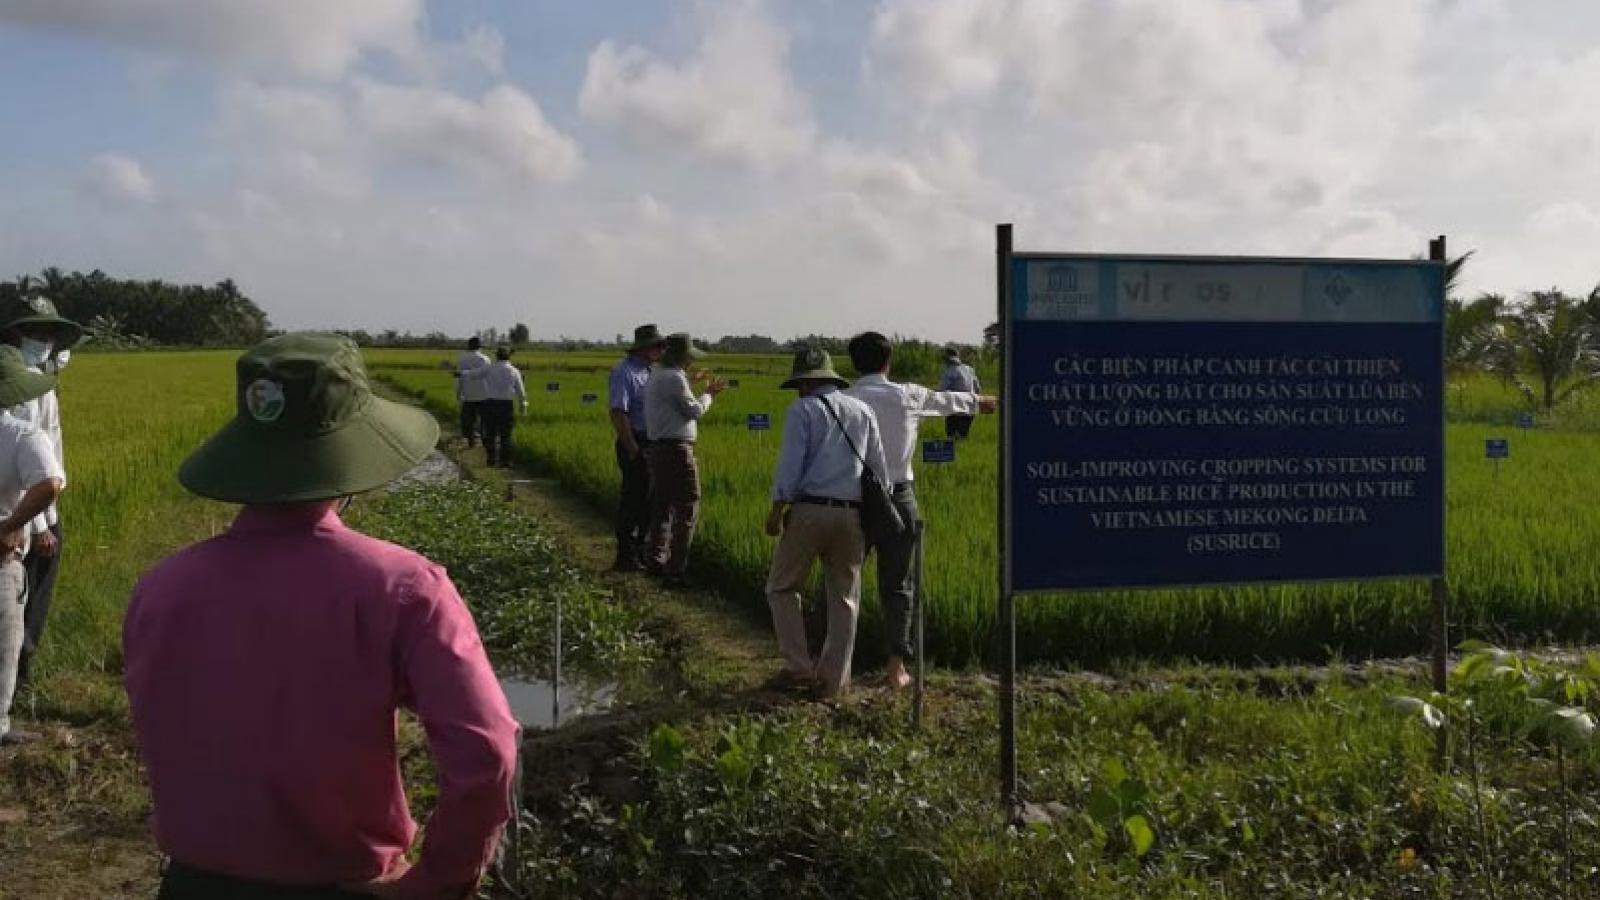 Chia sẻ cải thiện chất lượng đất cho sản xuất lúa bền vững ở Đồng bằng Sông Cửu Long